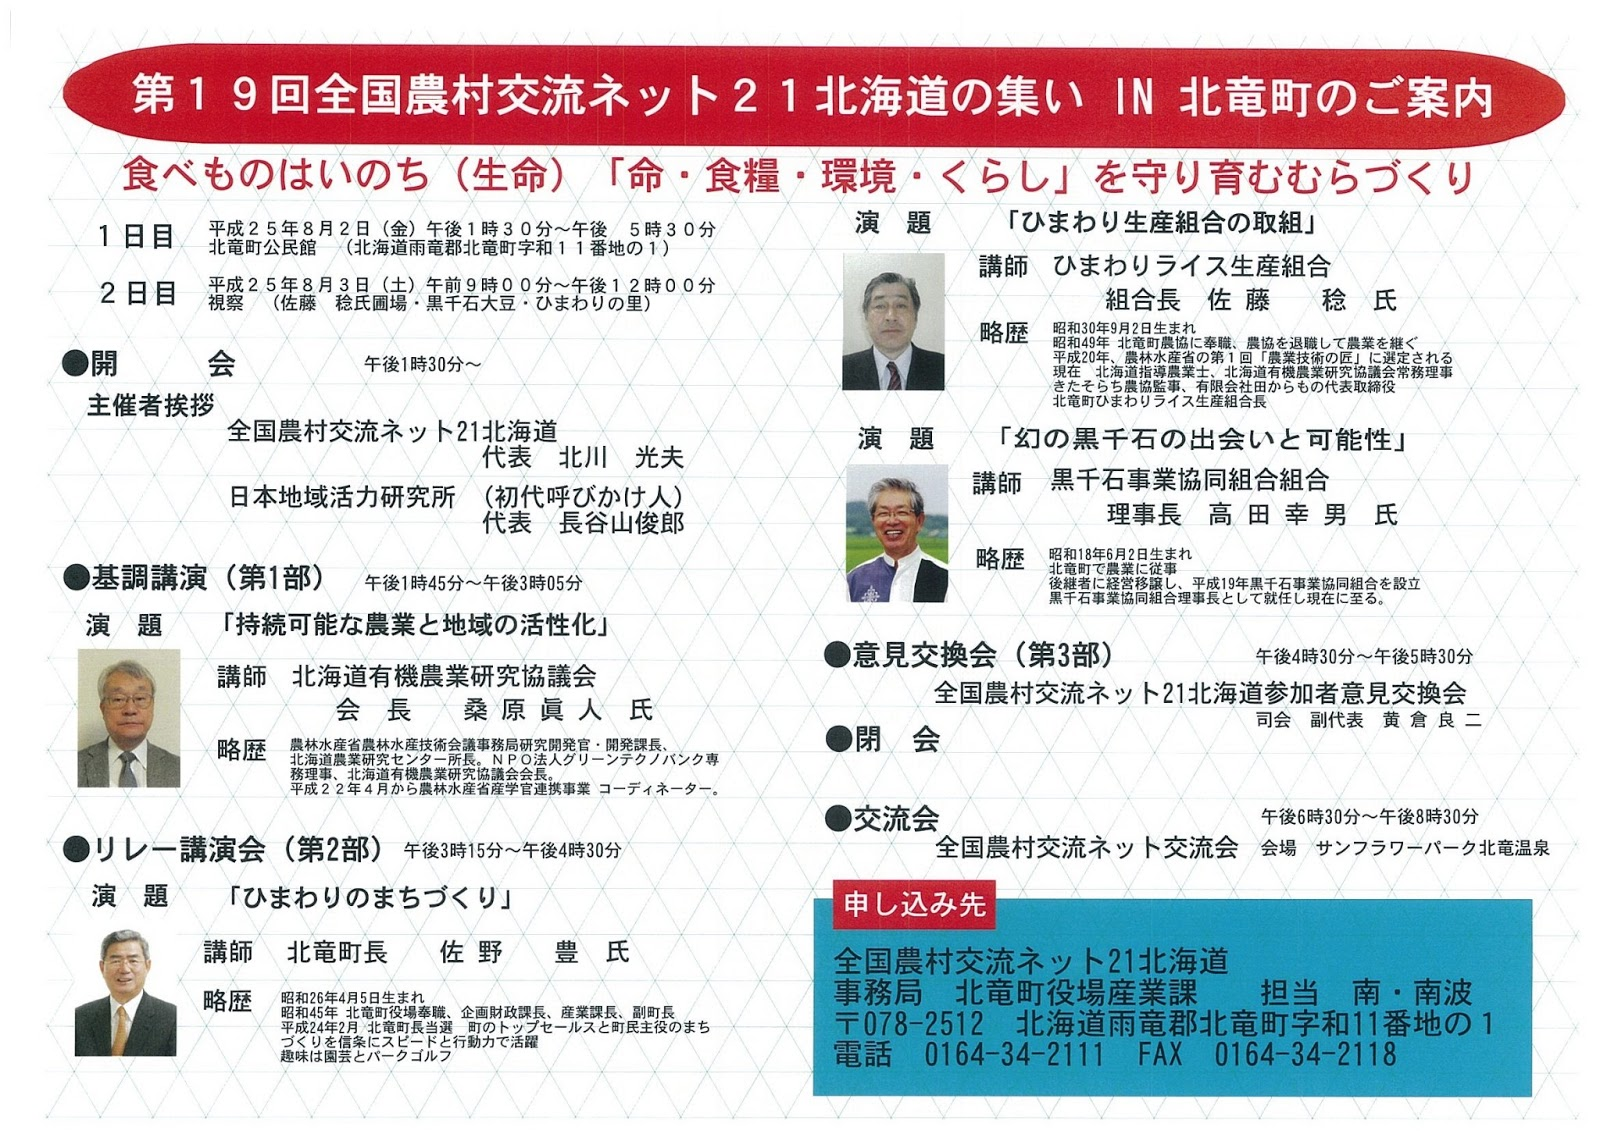 第19回全国農村交流ネット21 北海道の集い in 北竜町